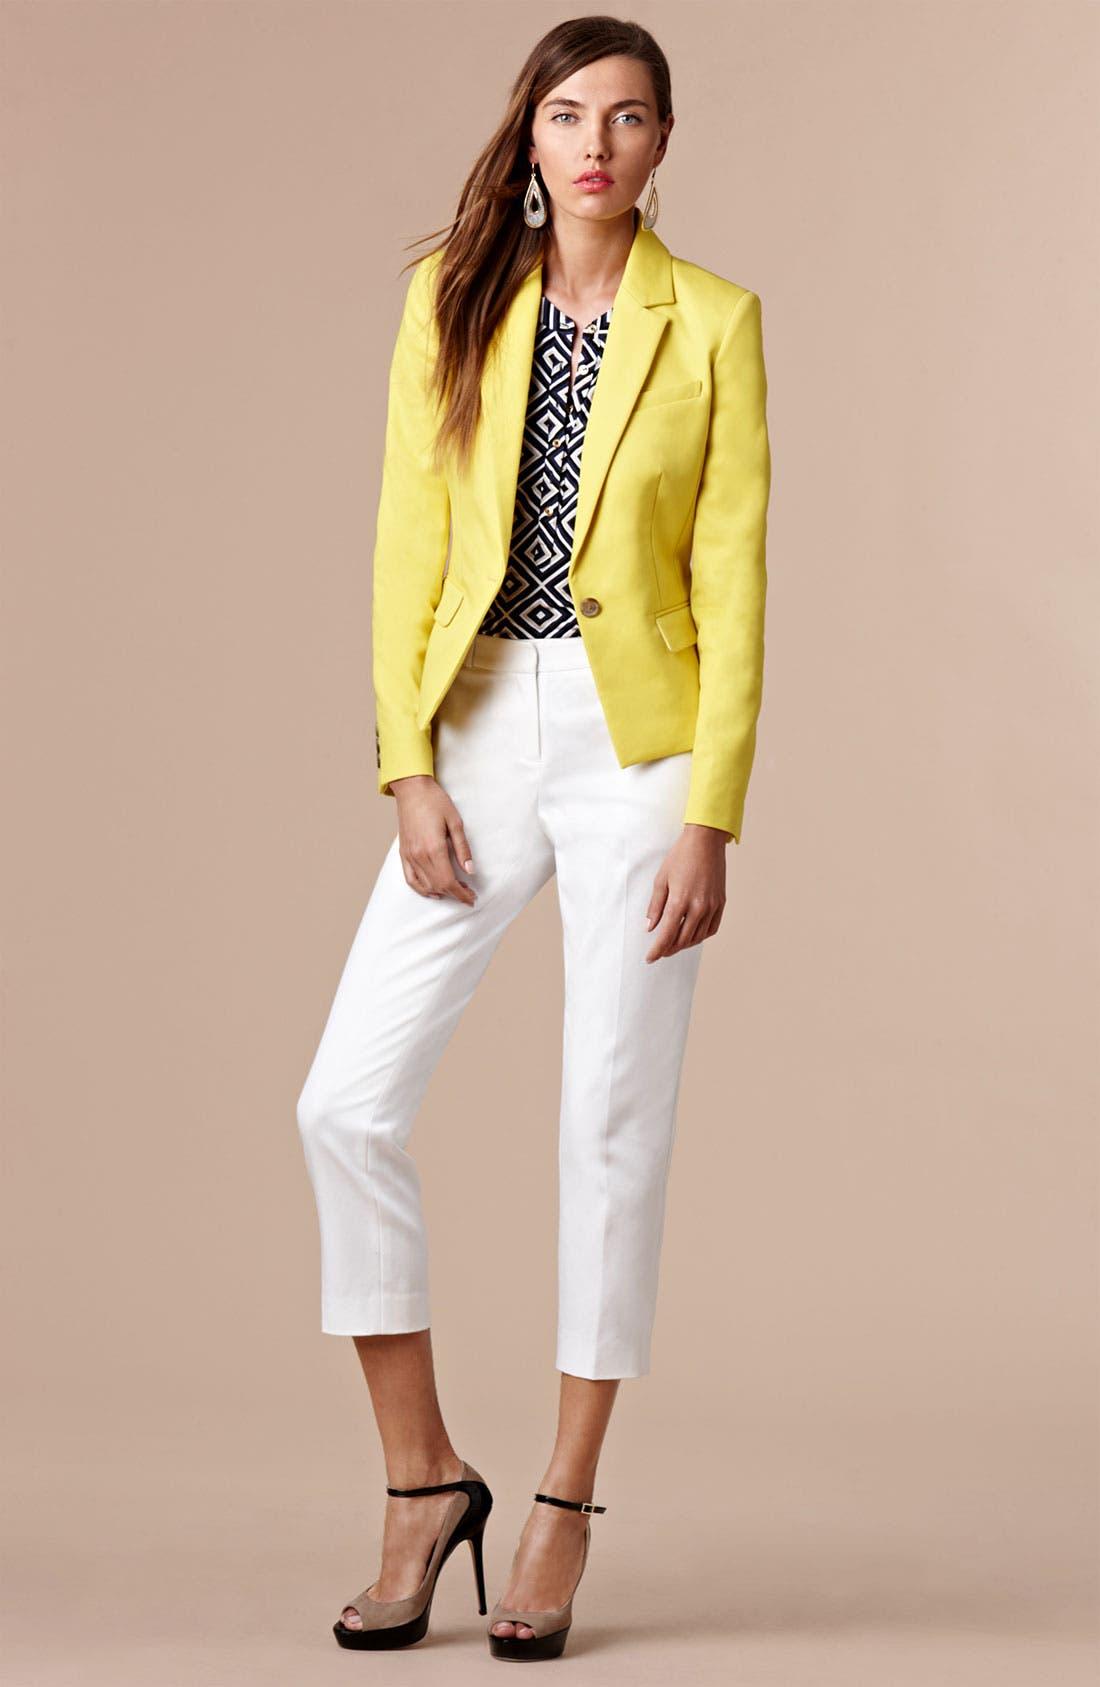 Main Image - Anne Klein Blazer, Top & Crop Pants